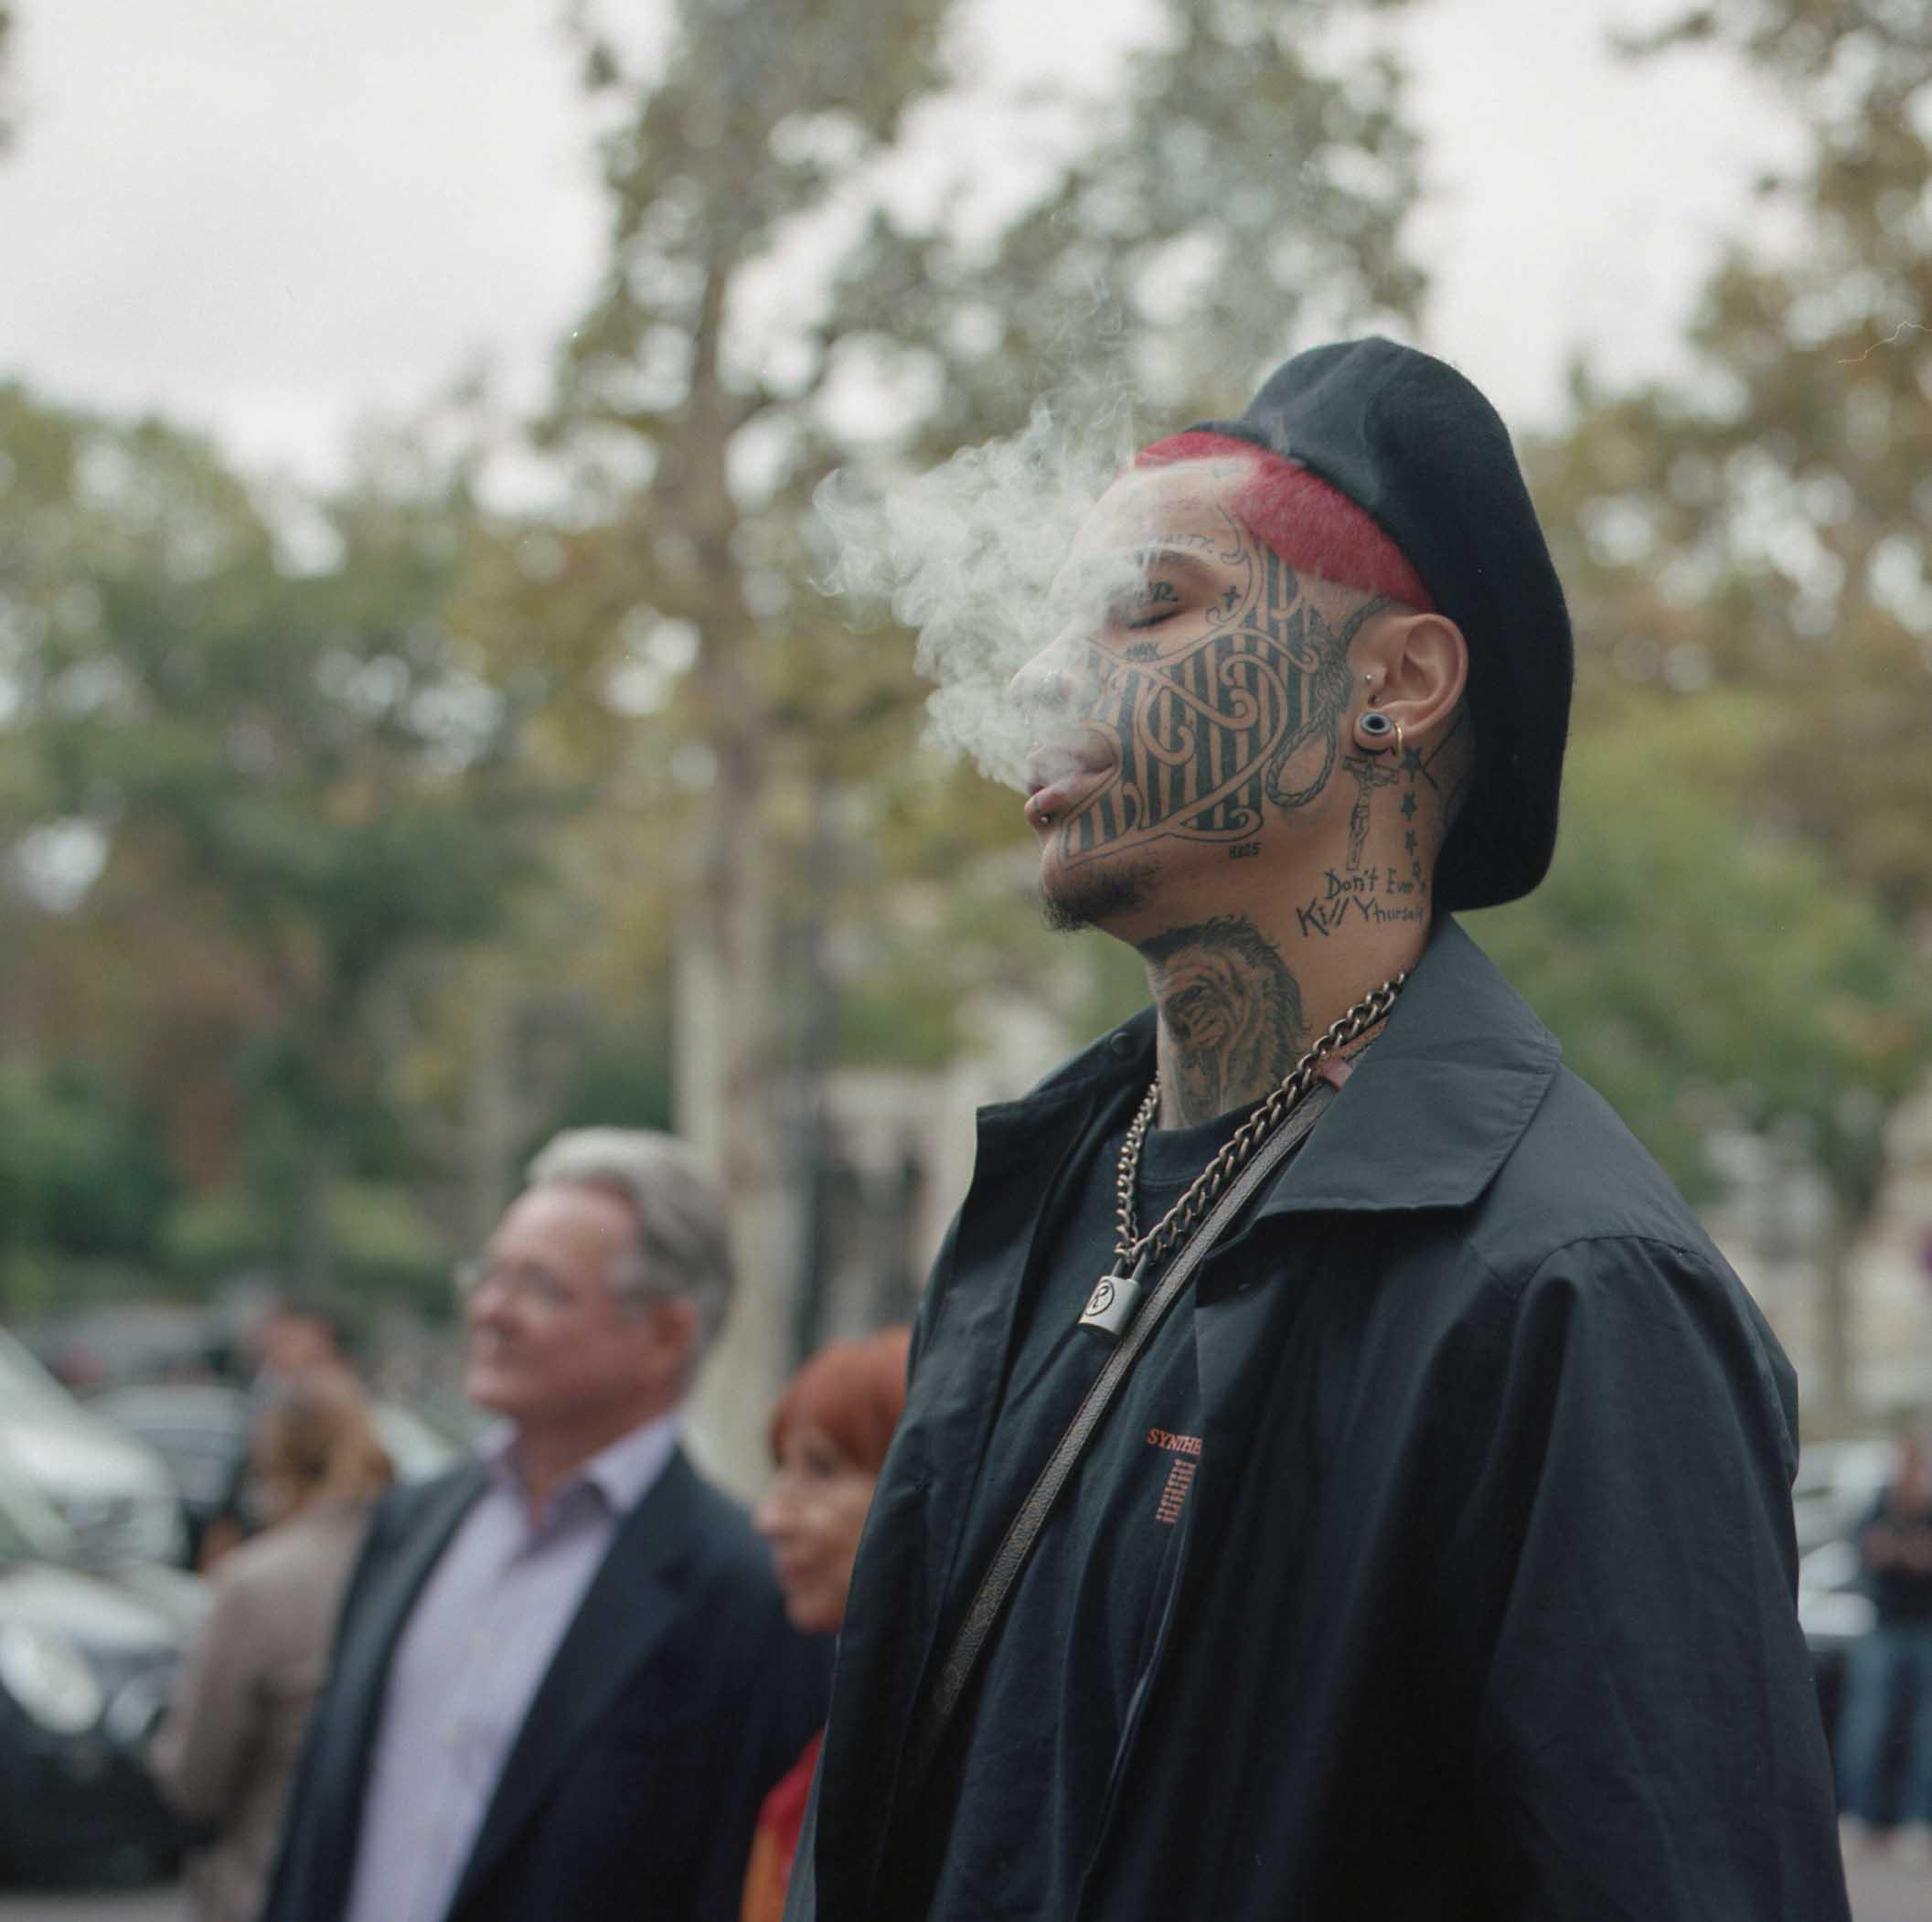 Paris_France_Film_img225.jpg